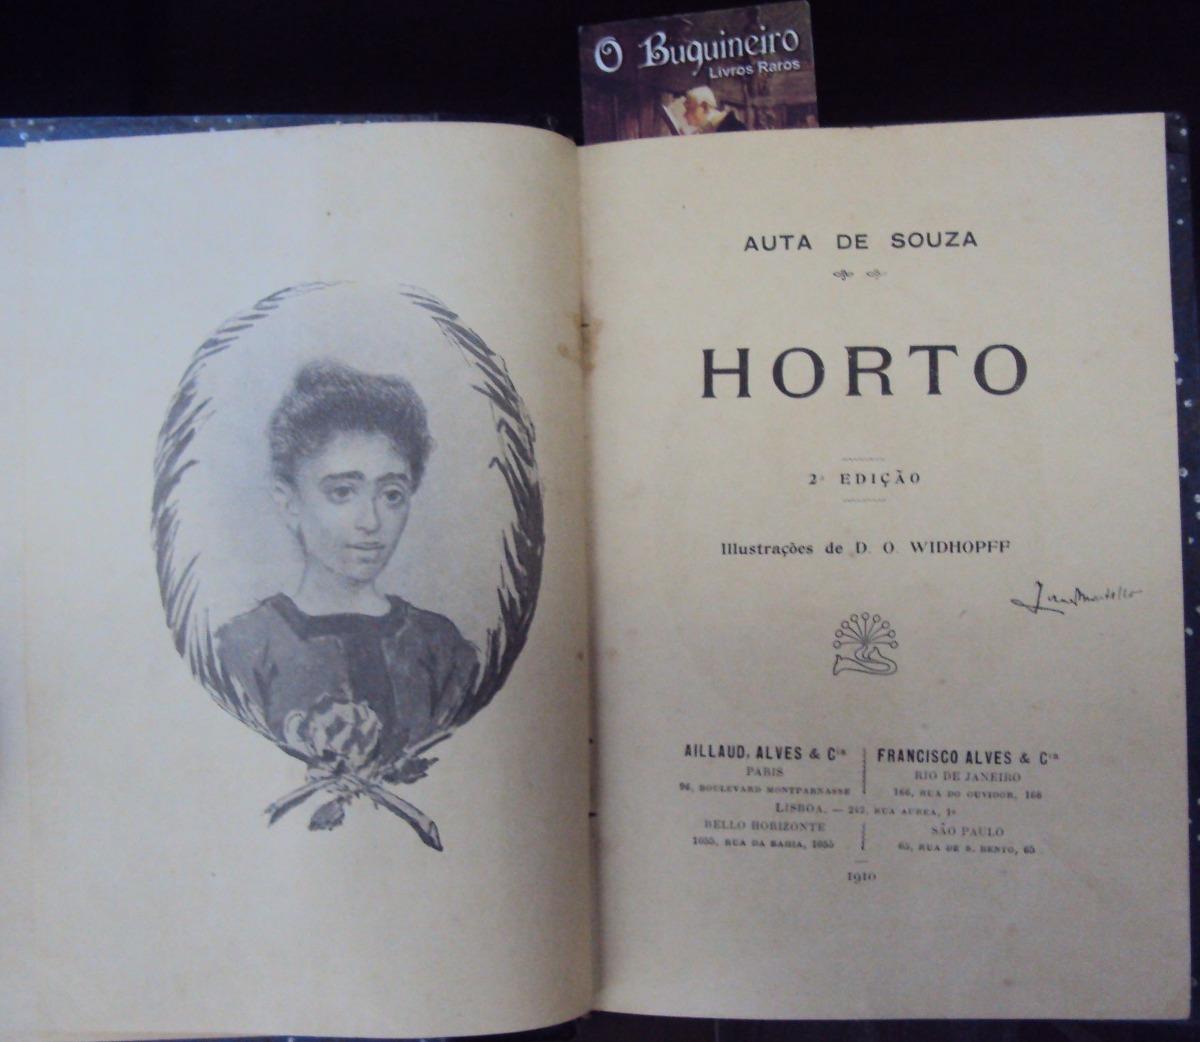 Os 139 anos de legado da poeta Auta de Souza